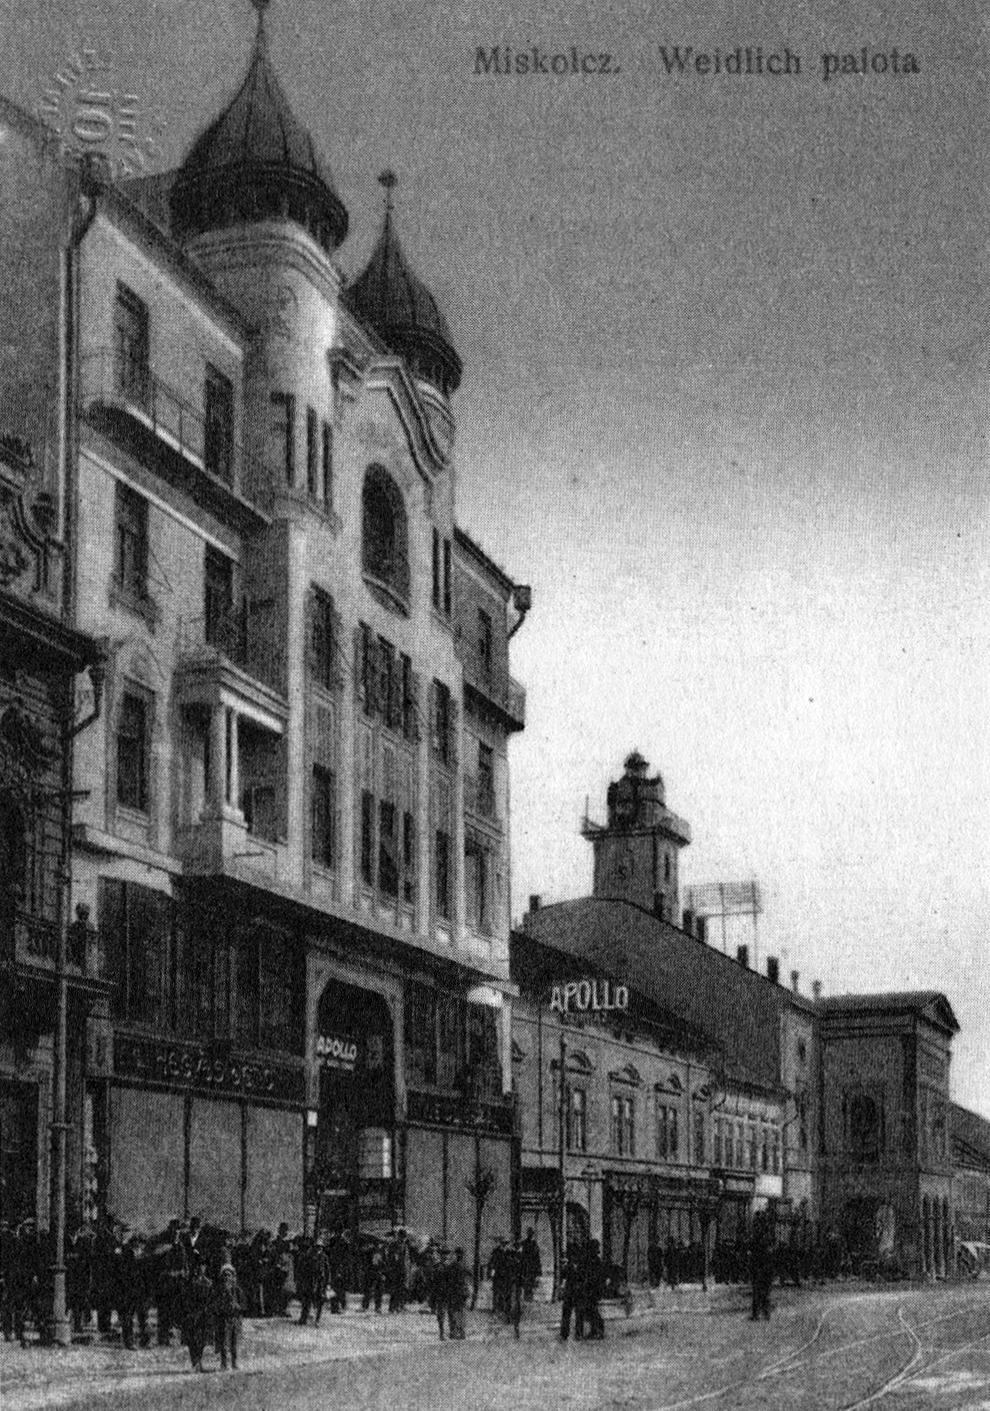 19_szechenyi_street_miskolc_about_1912_1.jpg